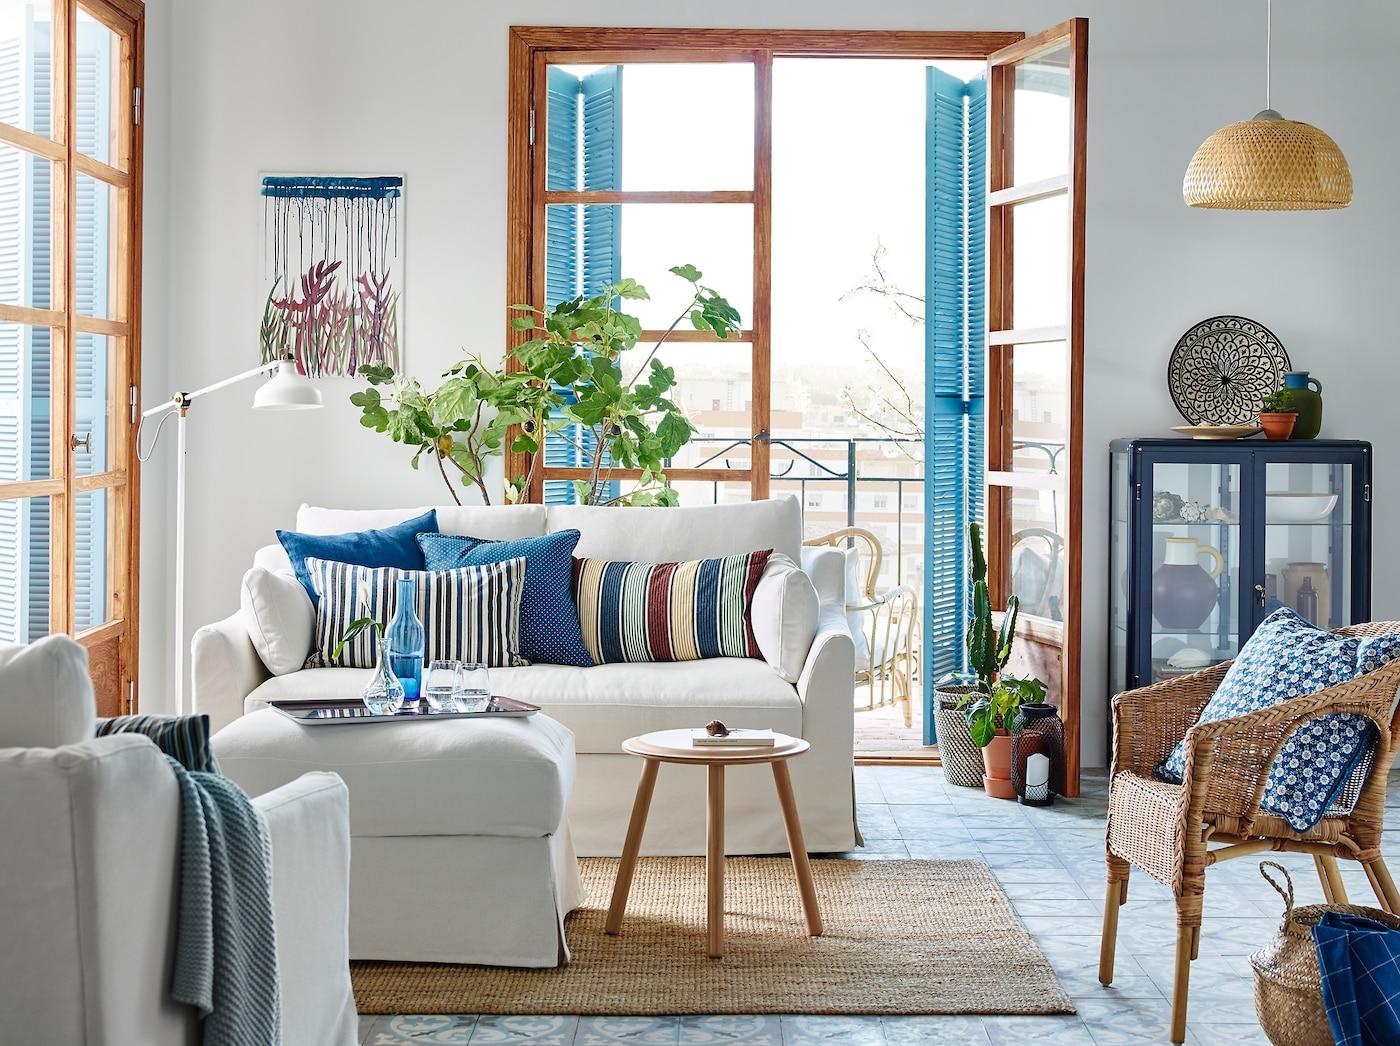 Ein Kleines In Blau Und Weiß Gehaltenes Wohnzimmer Mit Einem FÄRLÖV  2er Sofa, Sessel